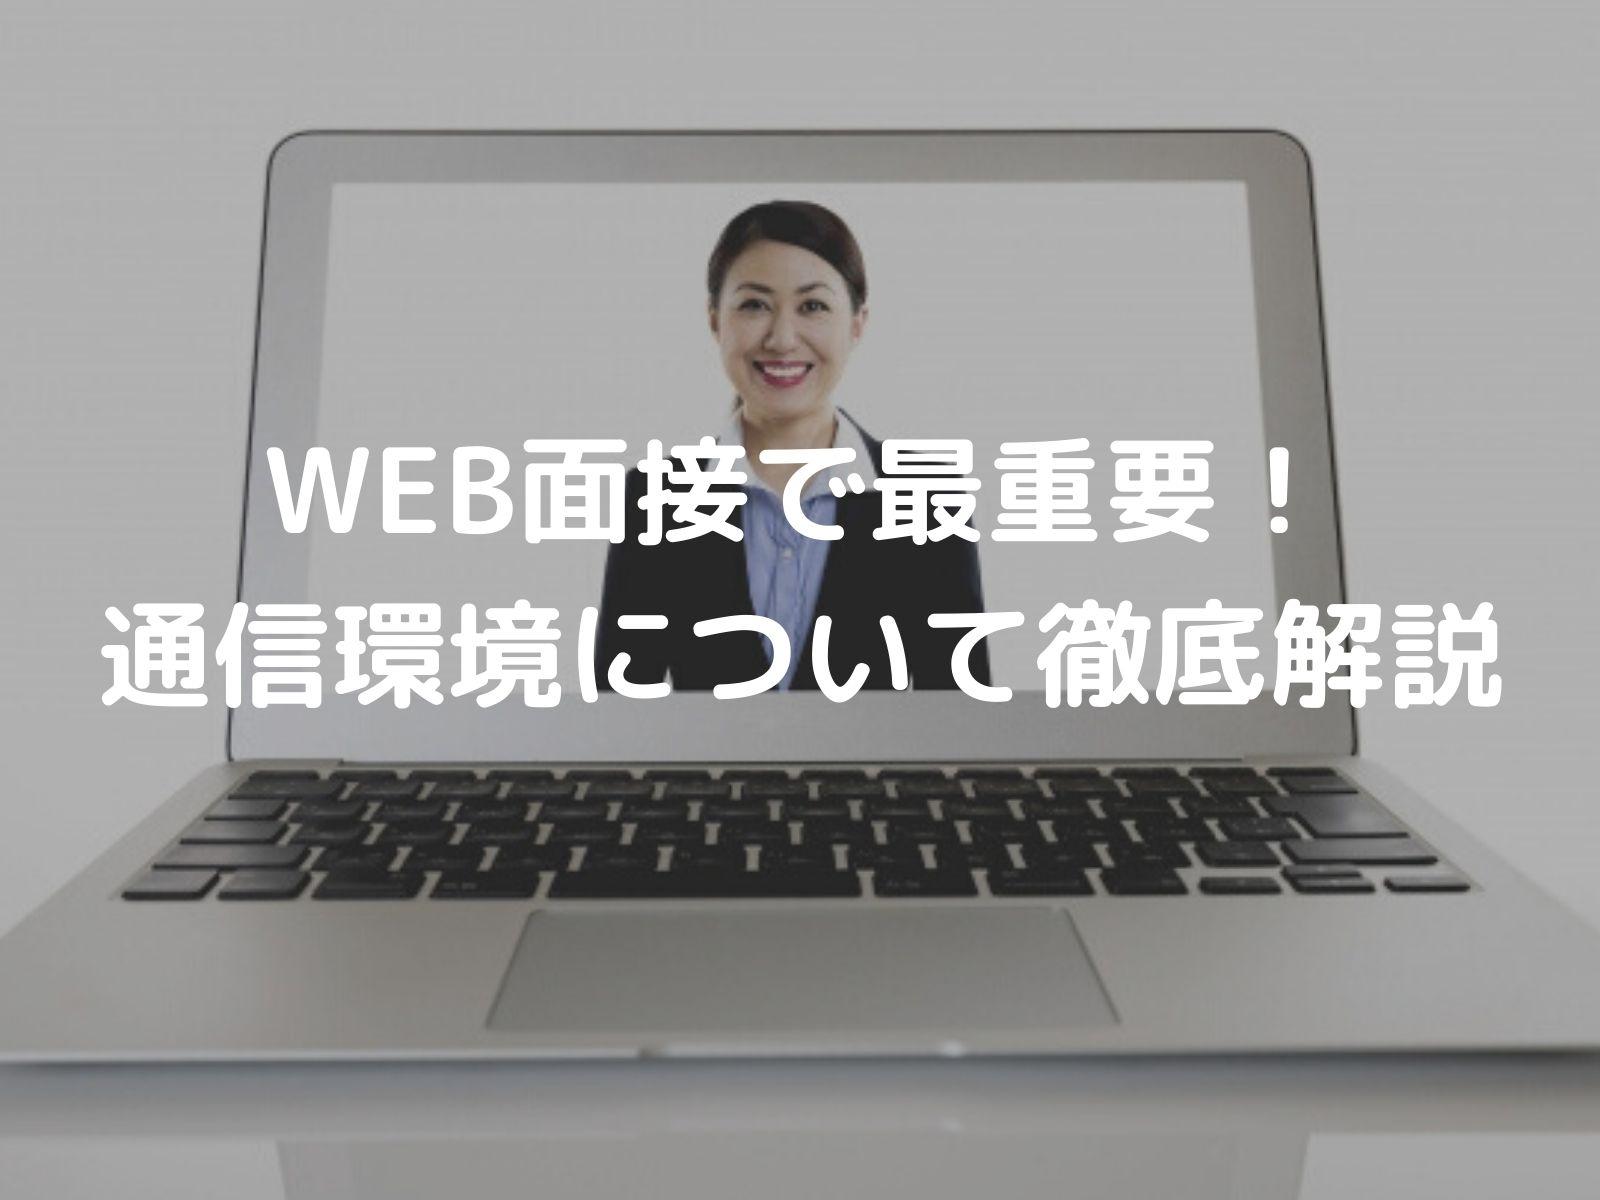 WEB面接で回線は止まらないか不安。話しづらくない理想の通信環境を解説します!